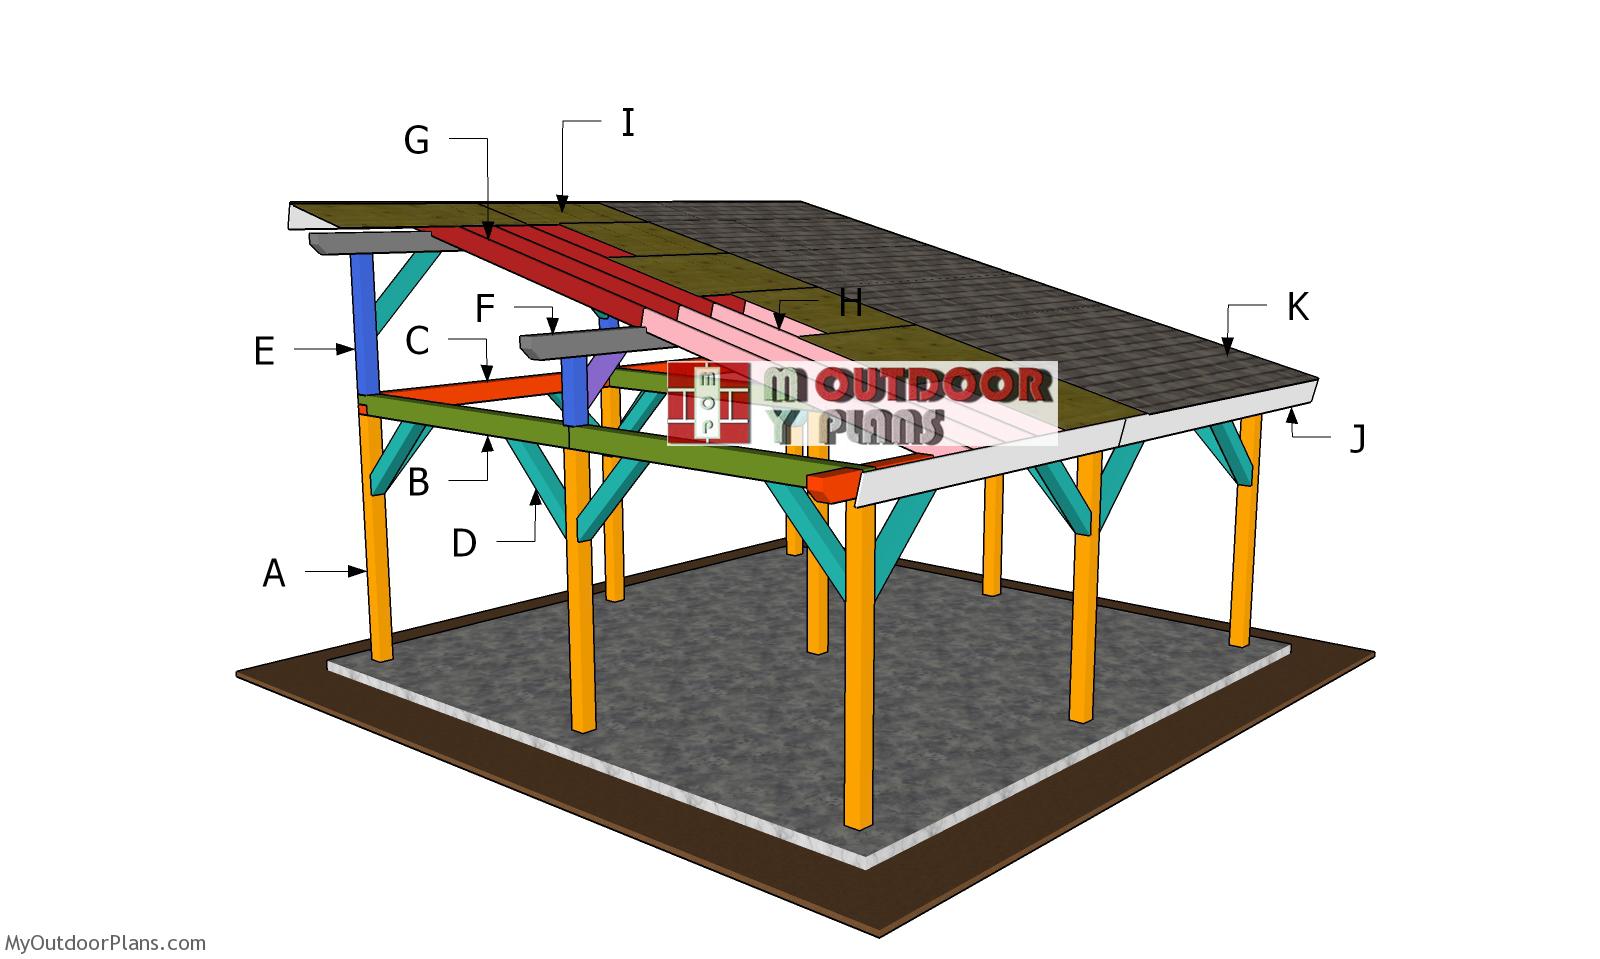 20x20 Lean to Pavilion Roof Plans